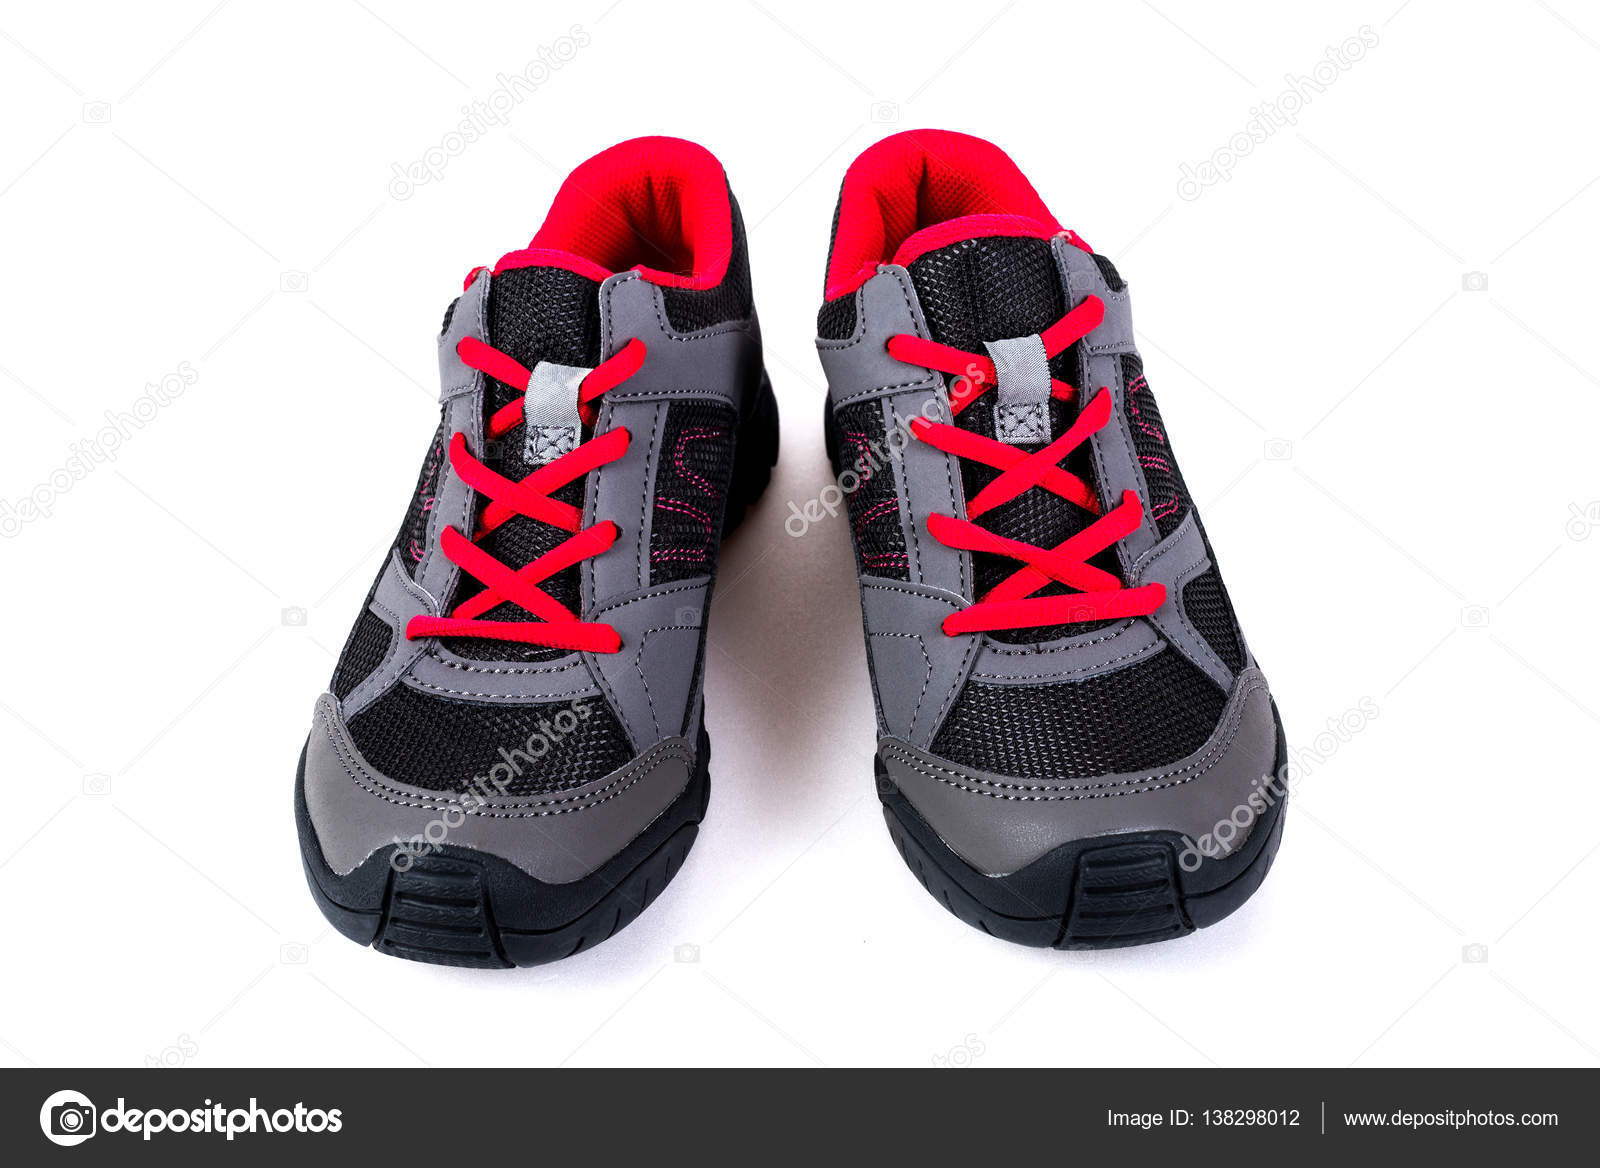 a472ff7b Zapatillas infantil rosa y gris sobre un fondo blanco — Foto de Stock